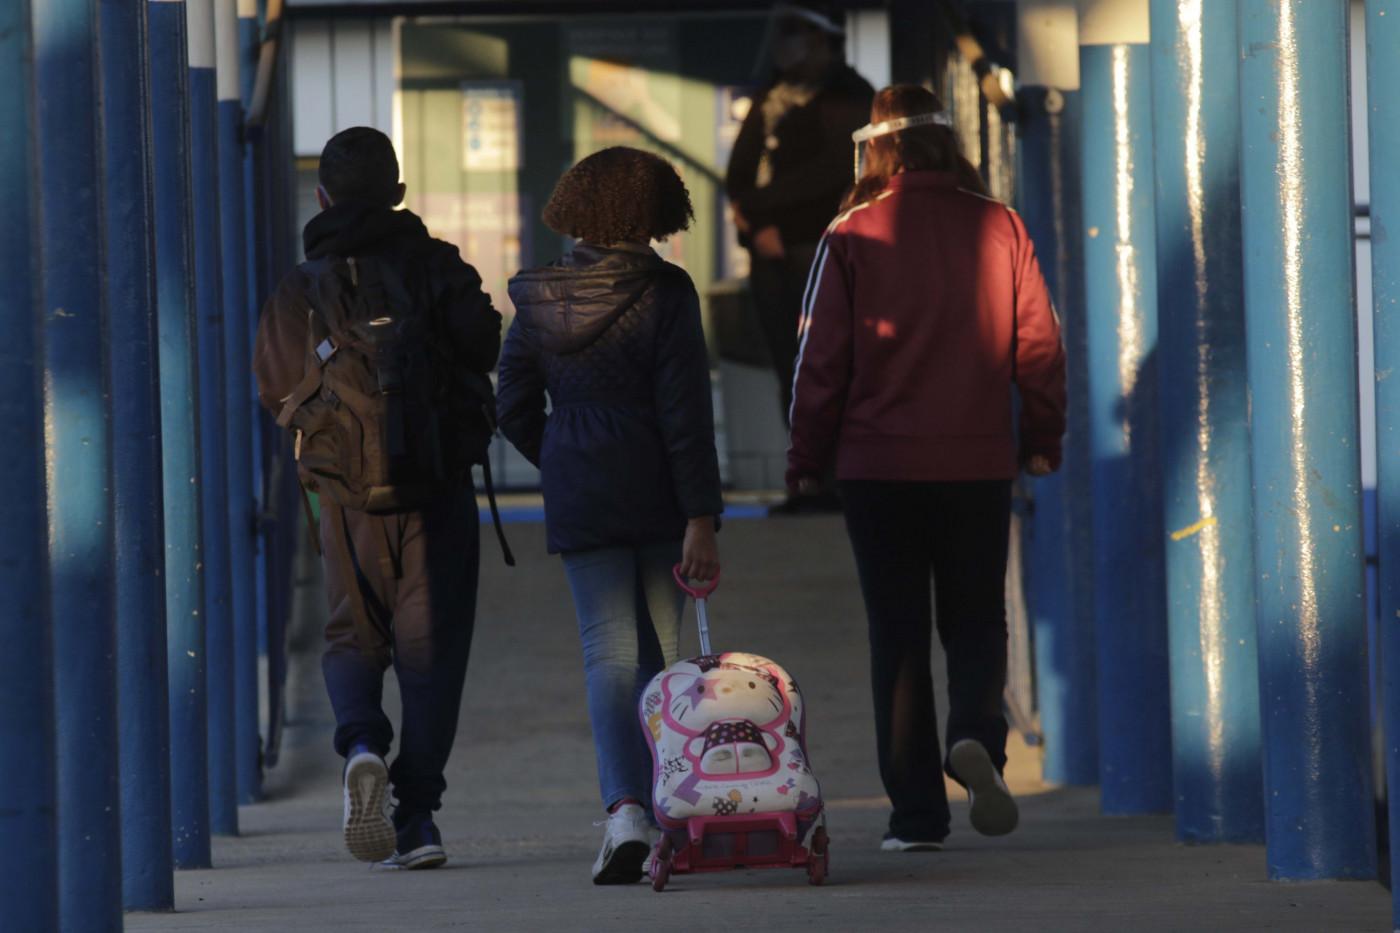 Três alunos com mochilas de costas andando em um corredor da EMEF/EJA Profª Geny Rodriguez, no bairro São Bernardo, em Campinas, interior de São Paulo